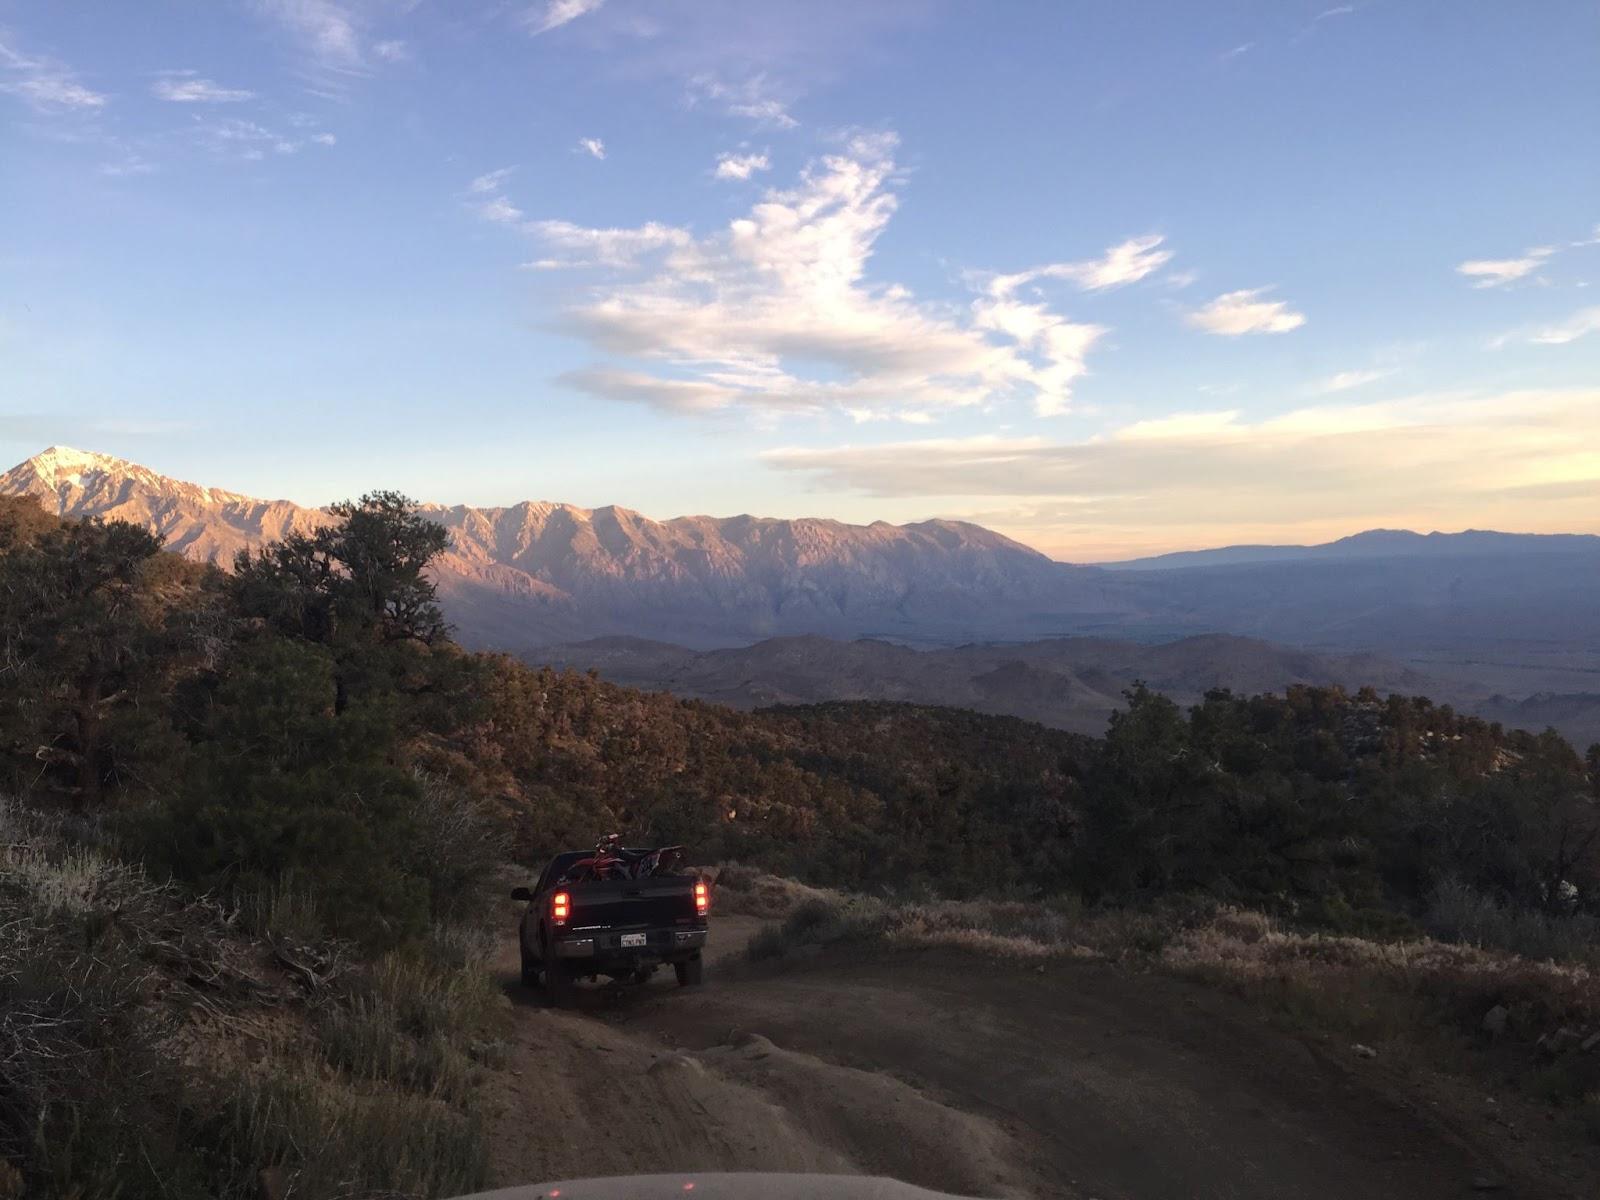 The Dawn Trail Makes Good Memories